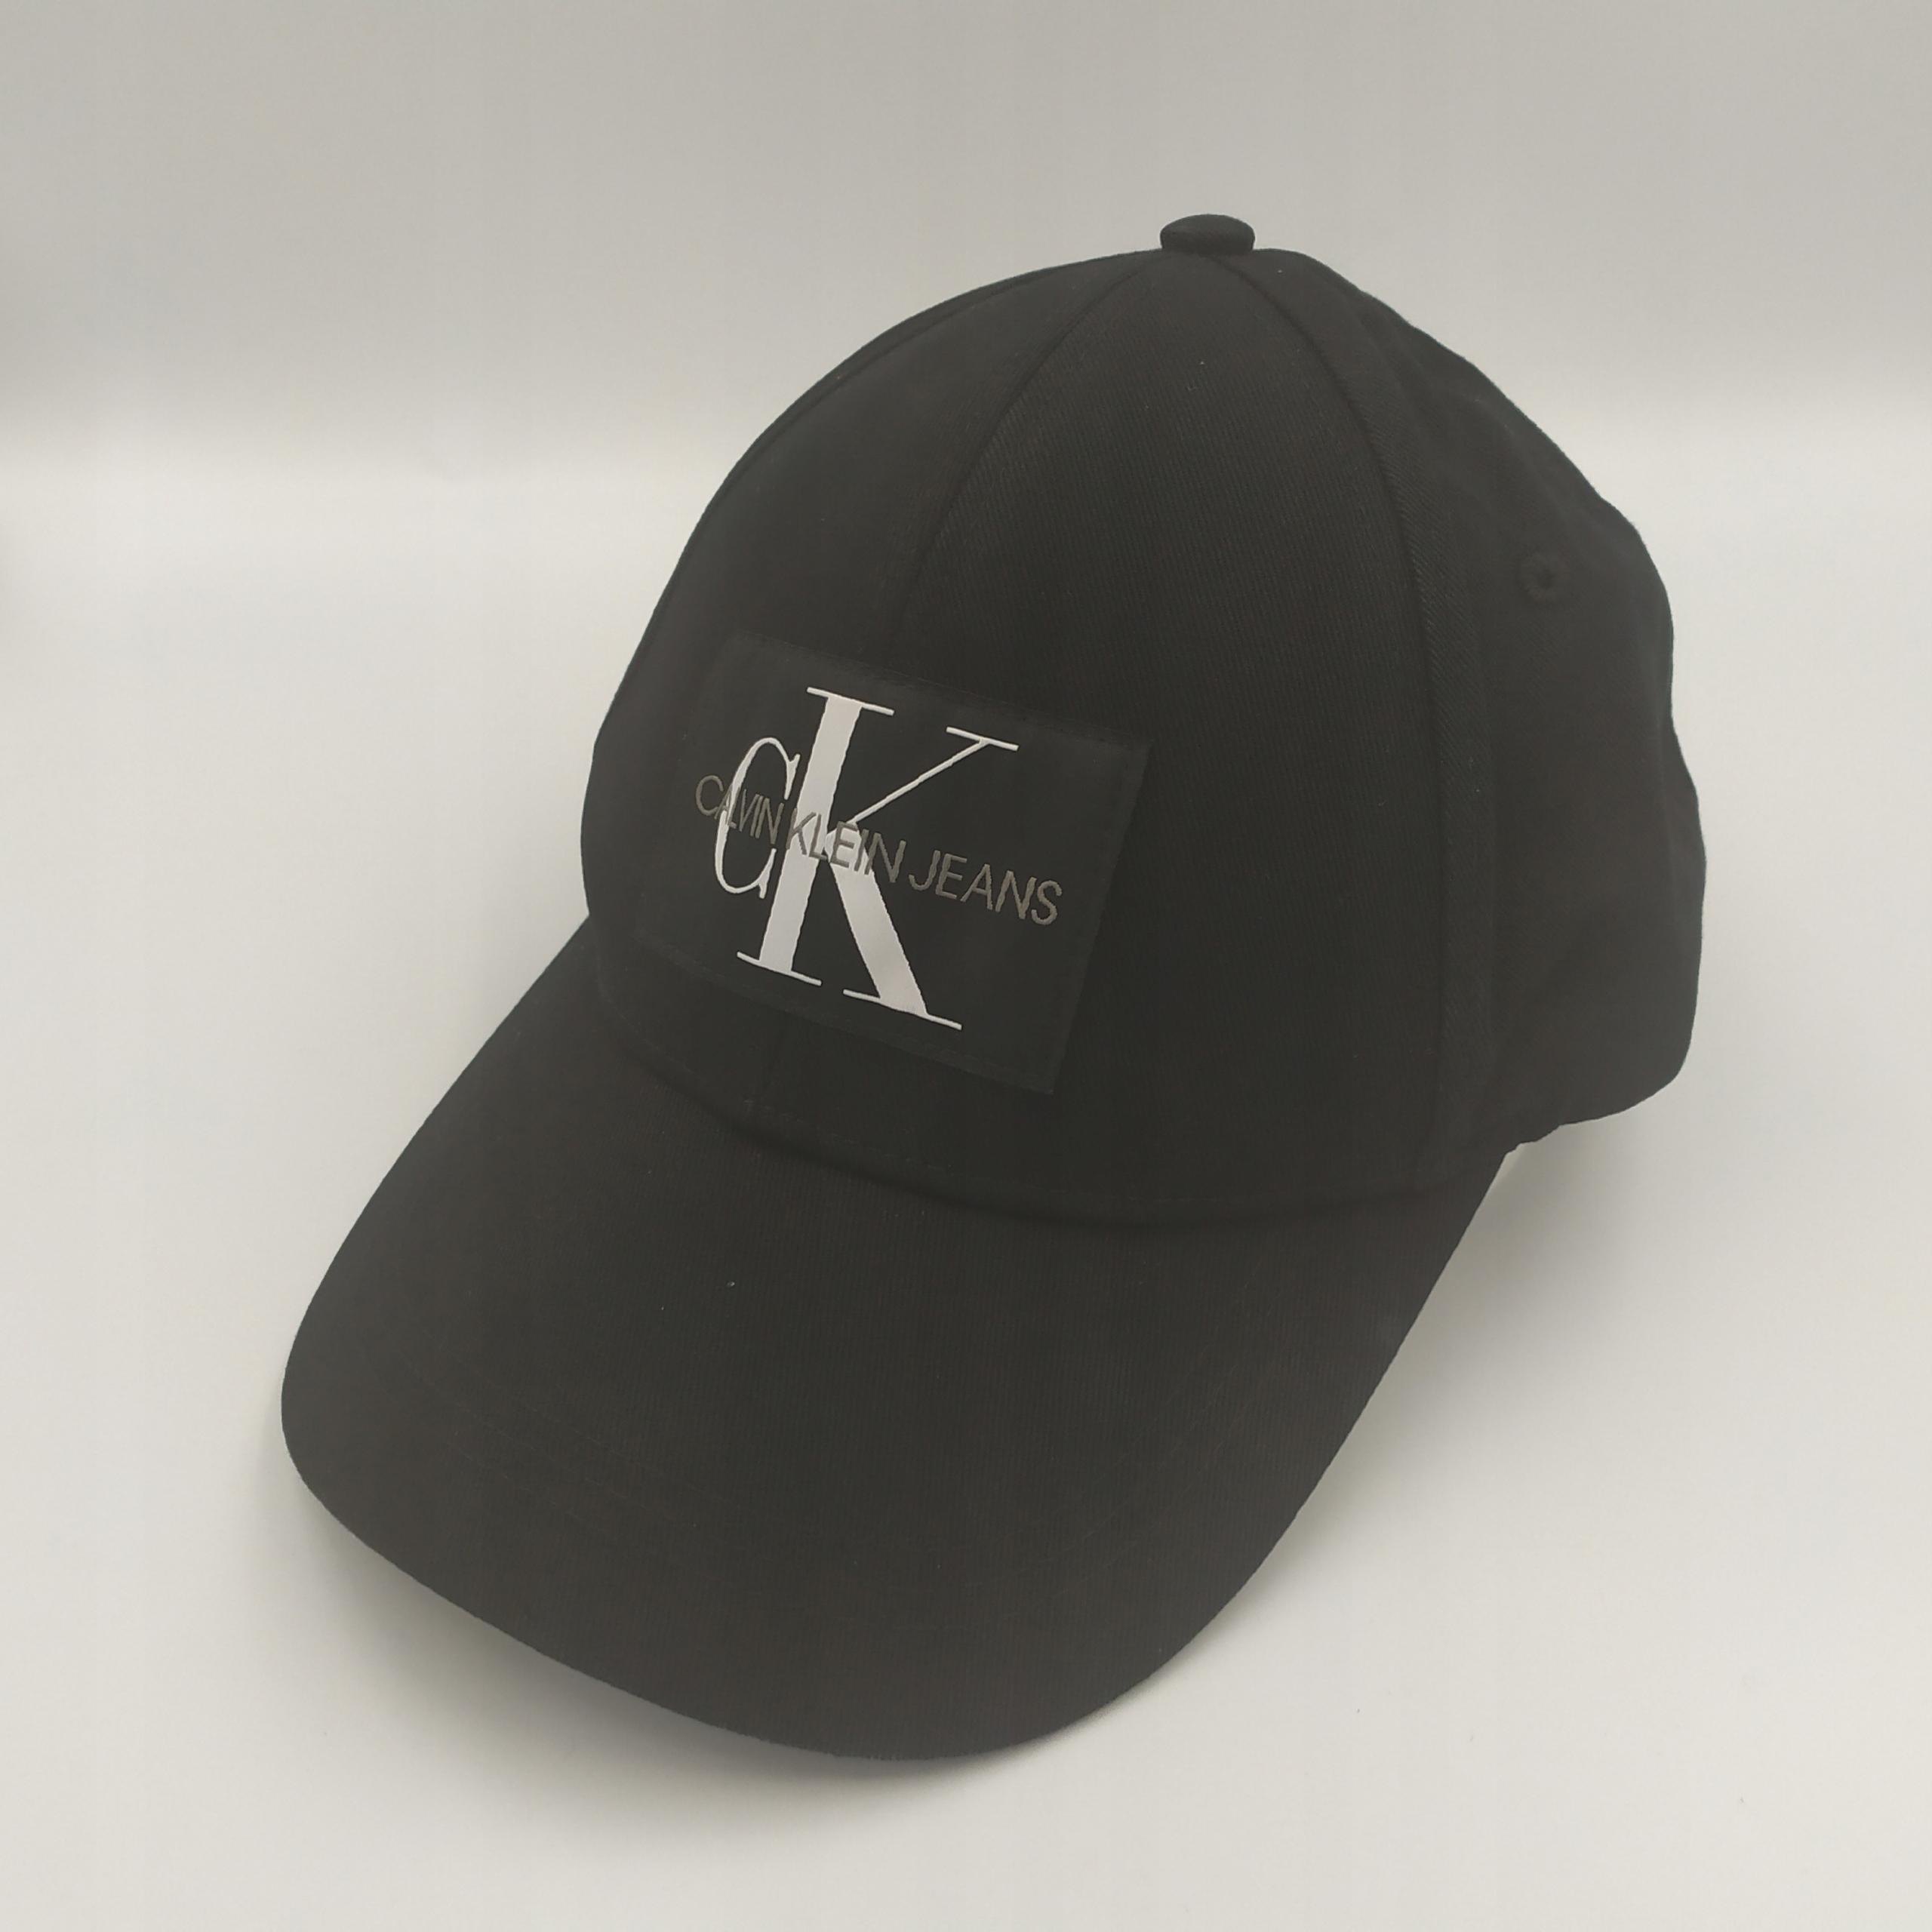 19 CALVIN KLEIN JEANS czapka z daszkiem